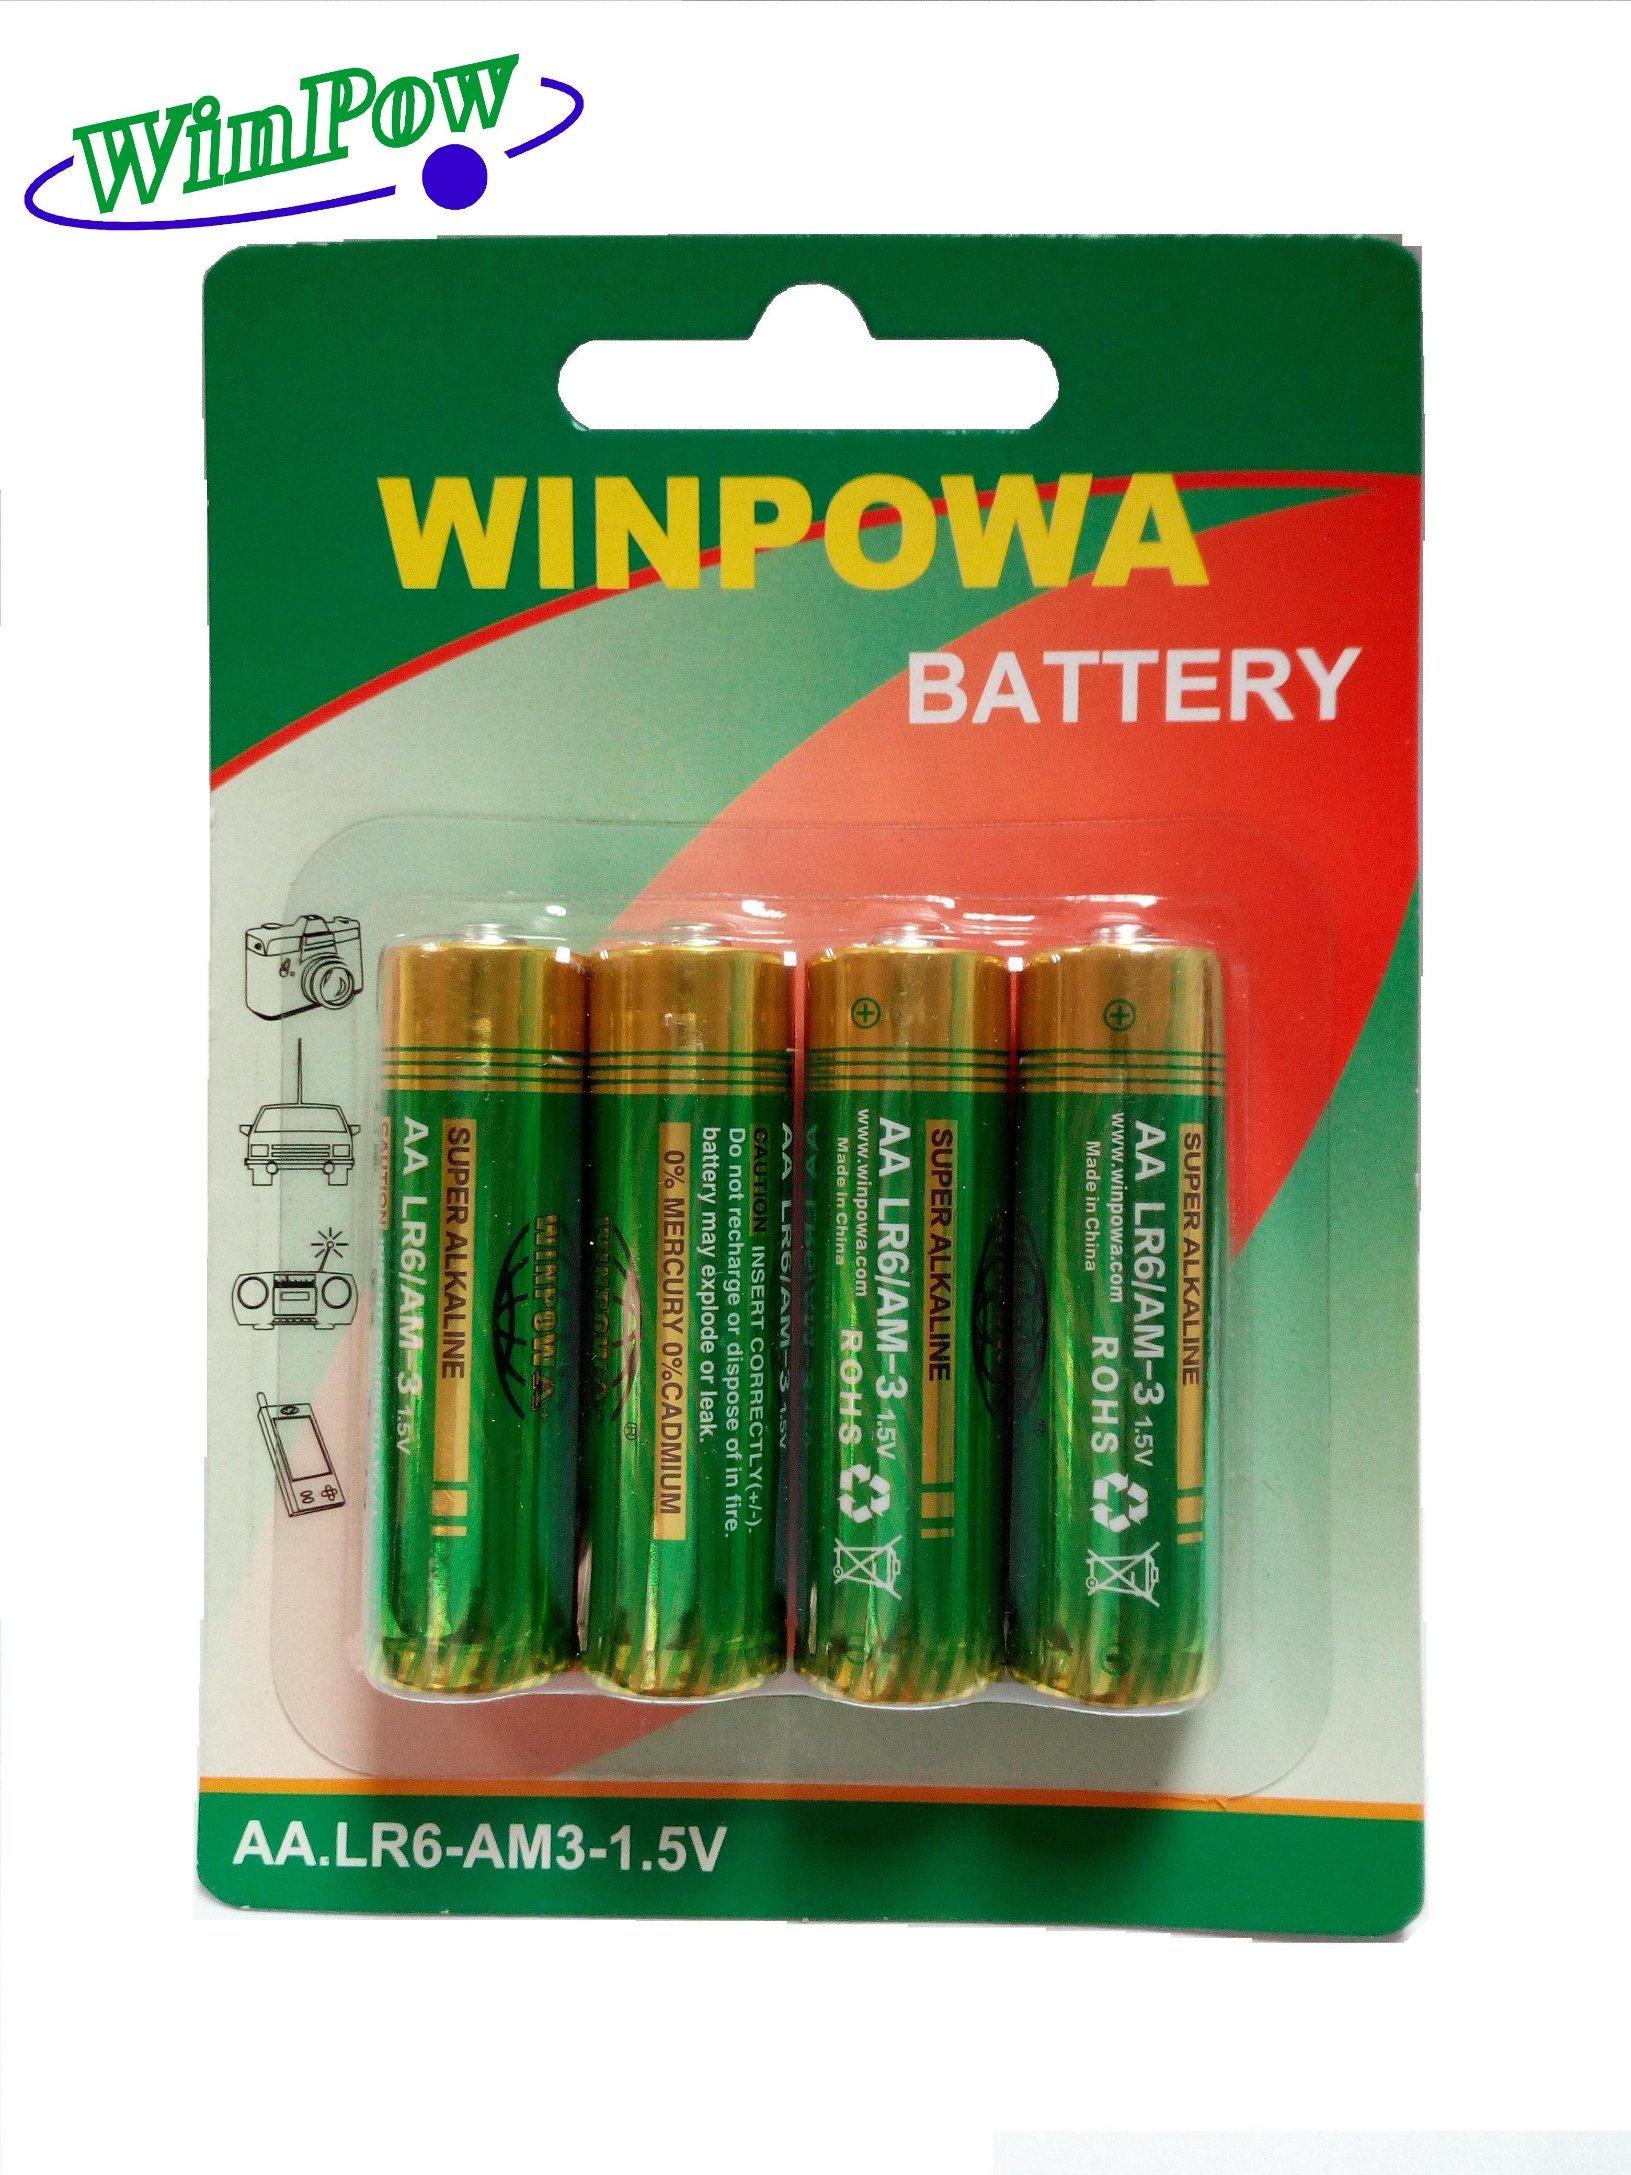 Super Power AA Size Alkaline Dry Battery